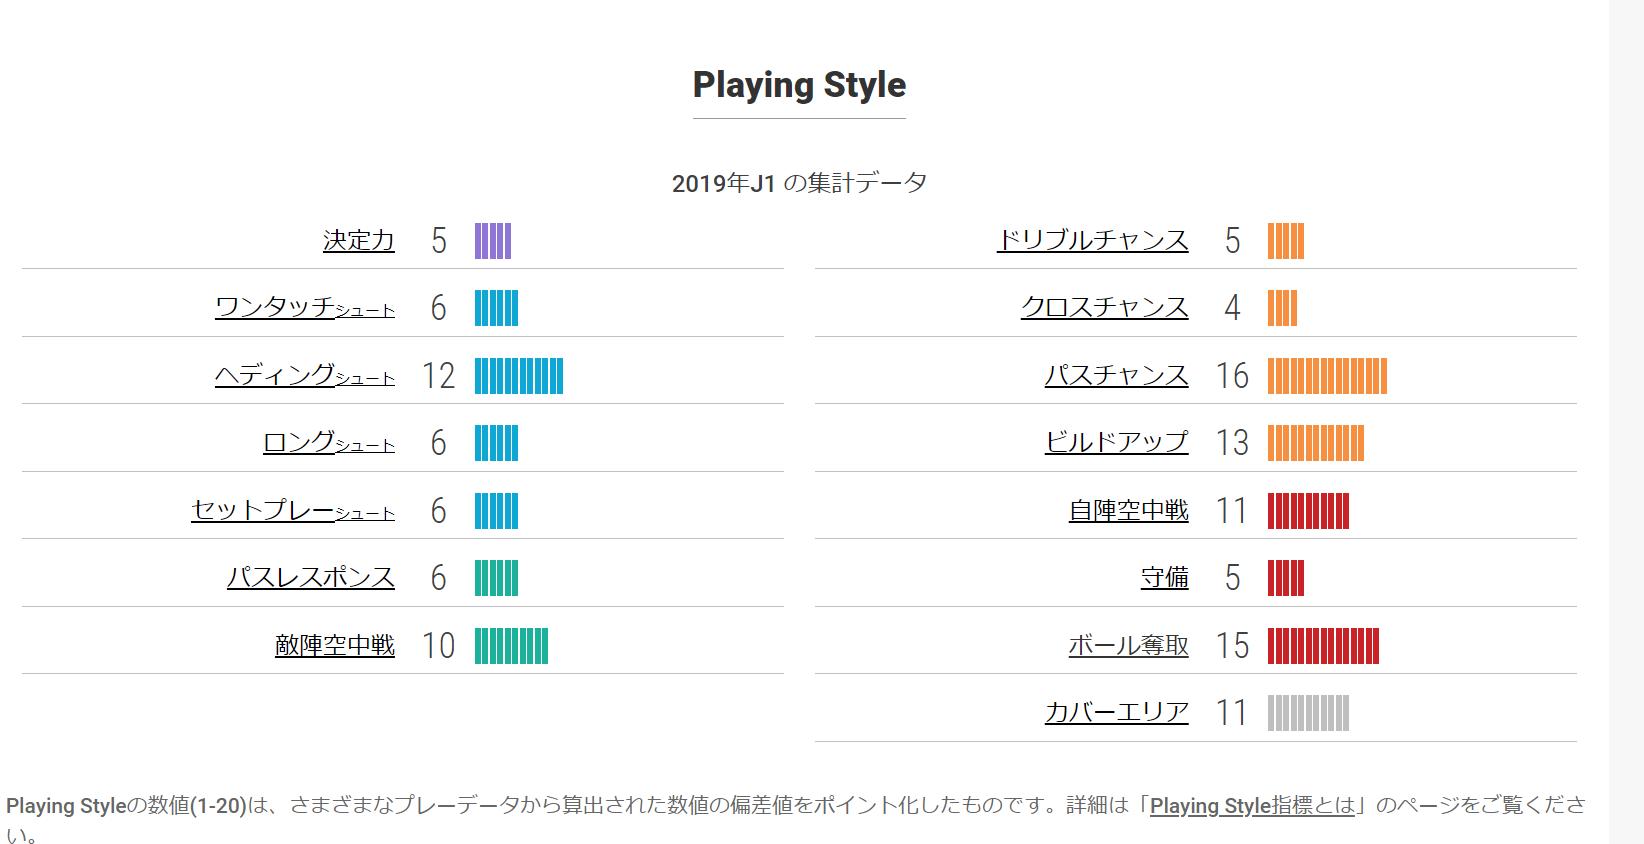 プレイングスタイル指標(2019年)引用元:https://www.football-lab.jp/player/1624648/?year=2019